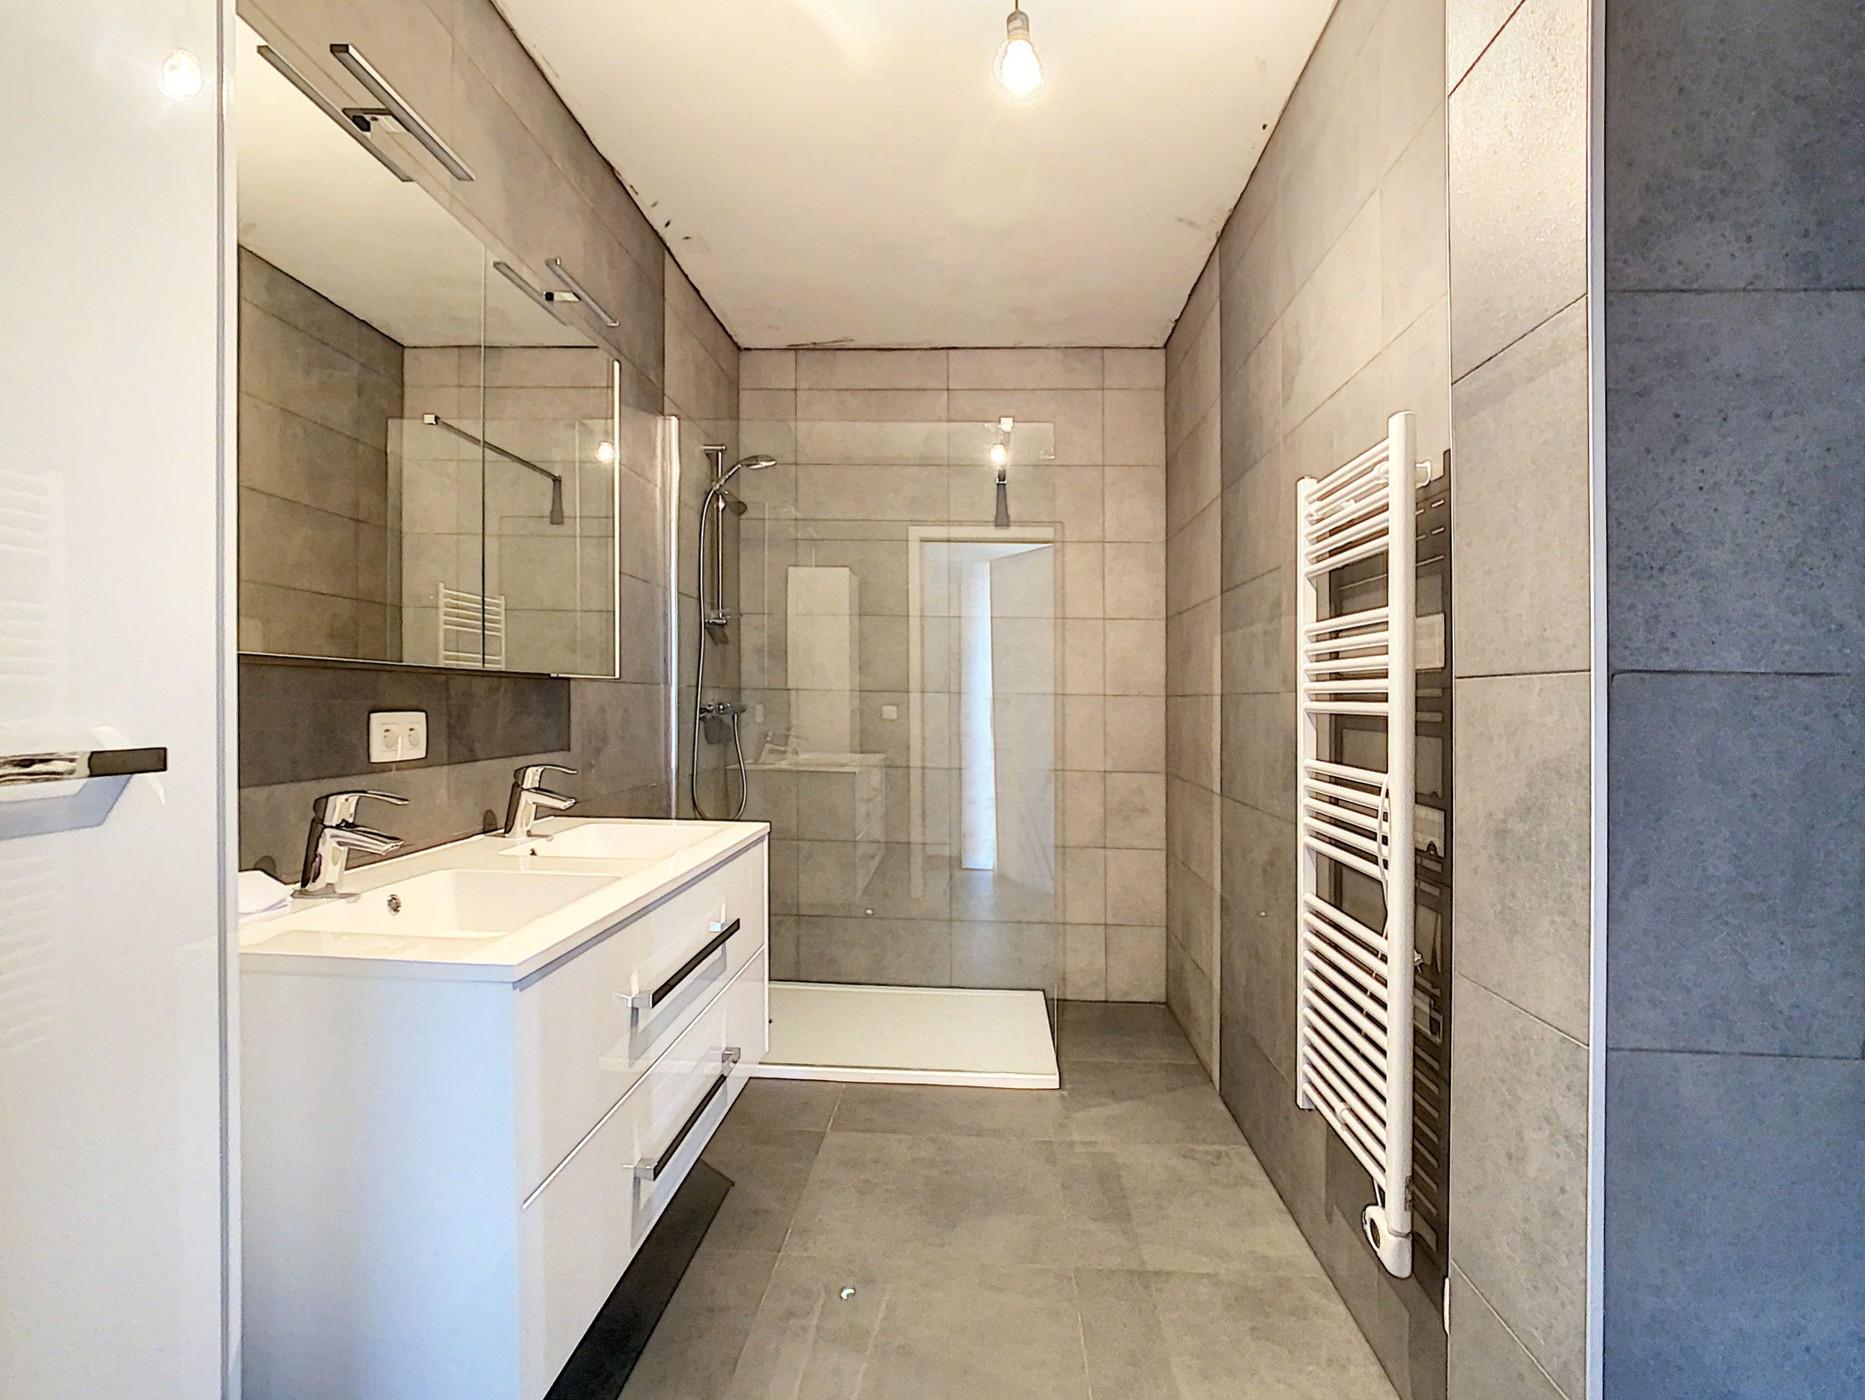 Prachtig nieuwbouw appartement met 3 slaapkamers op uitstekende locatie aan 6% BTW